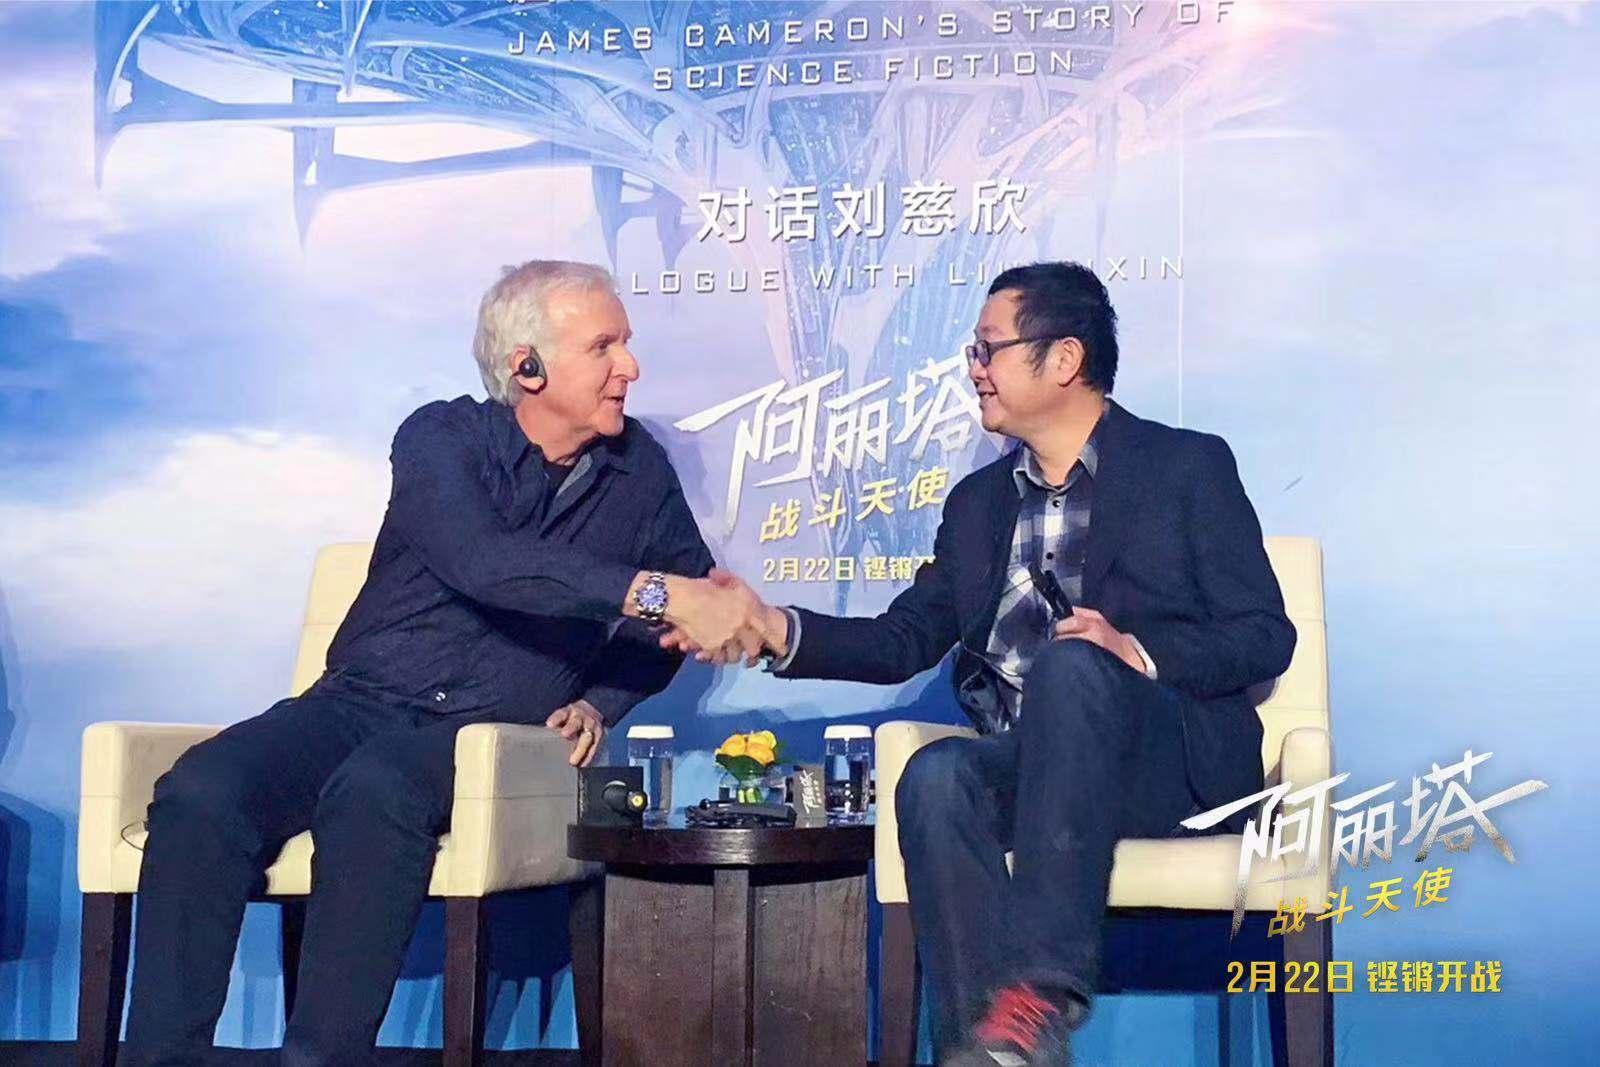 卡梅隆(左)對話劉慈欣(右)